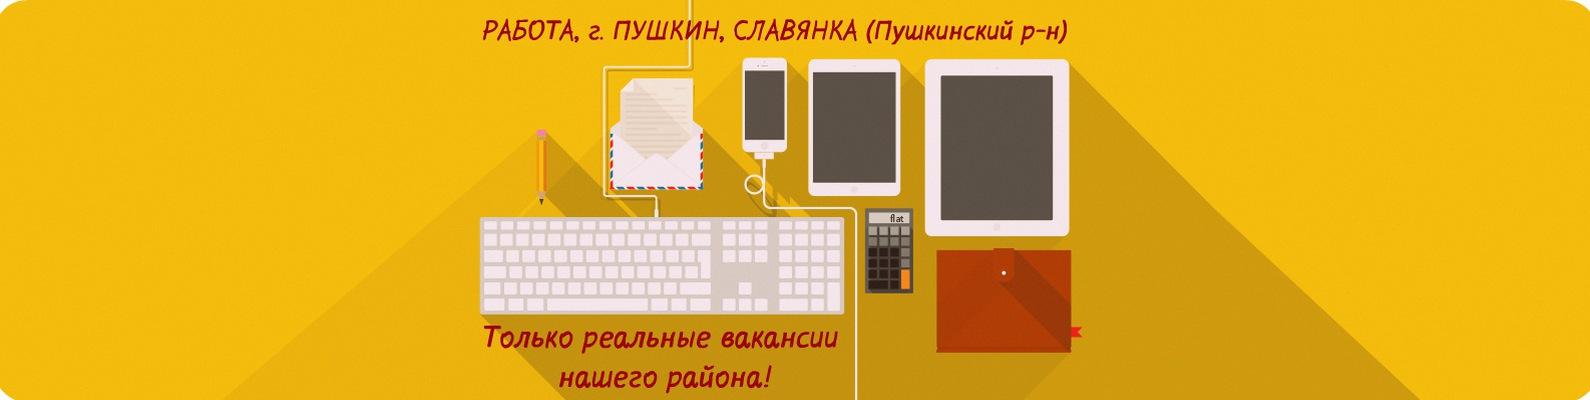 Работа в пушкине свежие вакансии водителя товары работы услуги приобретаться для нужд